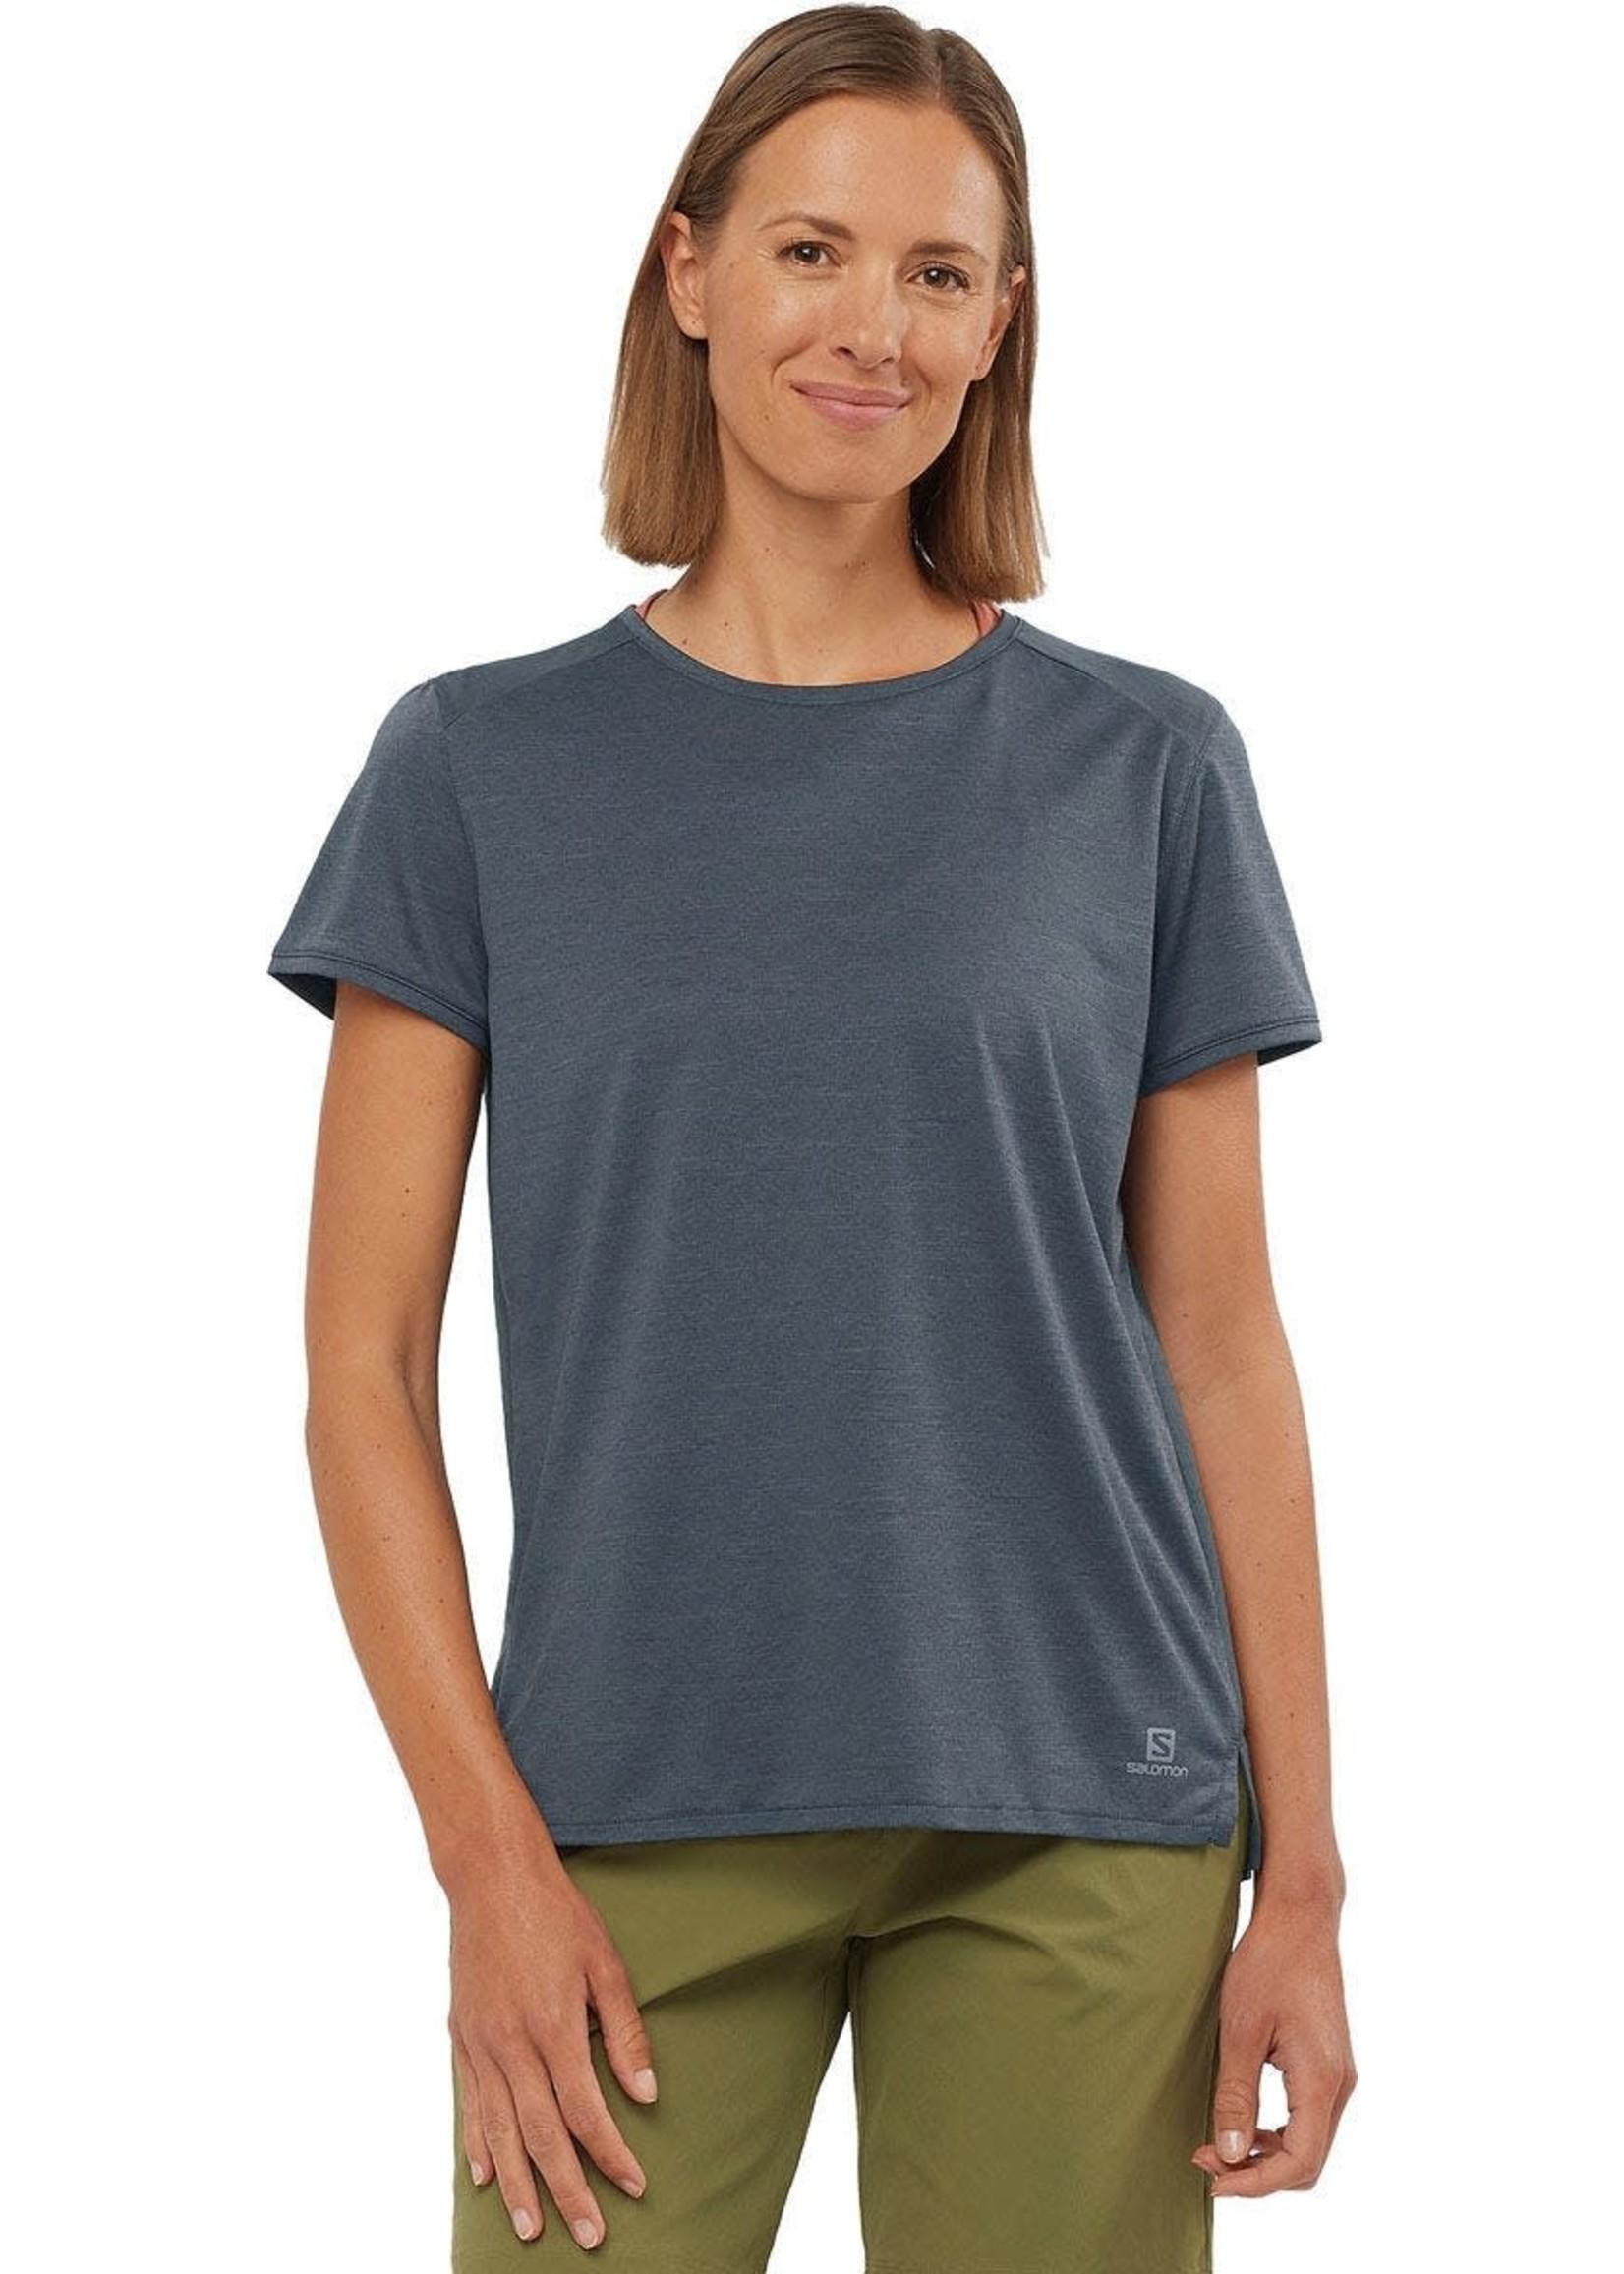 SALOMON T-shirt Outline Summer